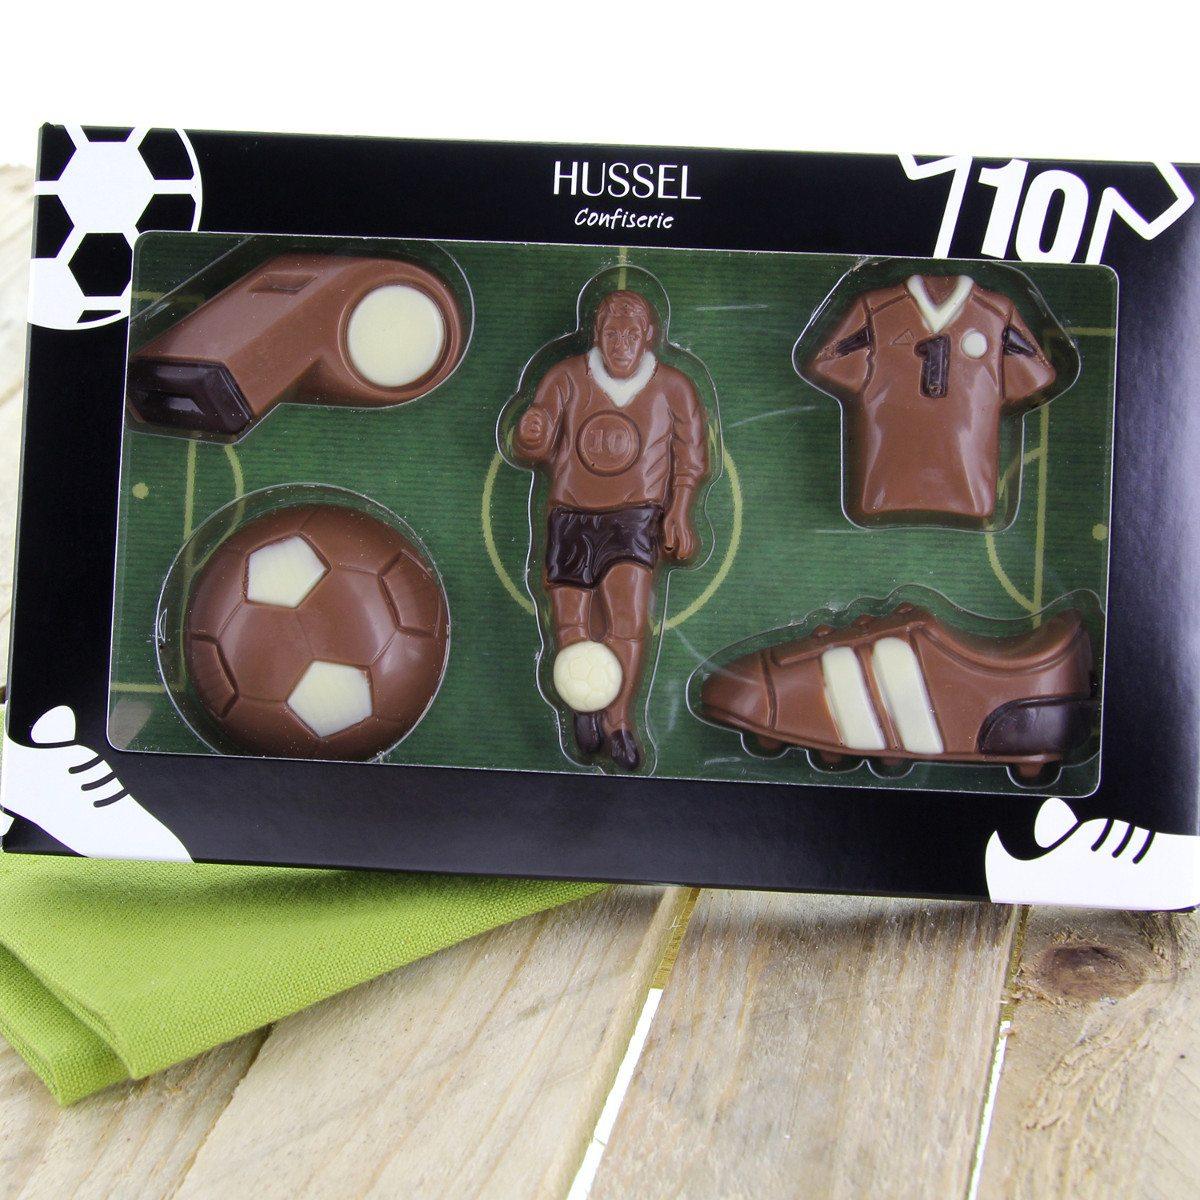 Chokoladesæt med fodboldtema fra Hussel